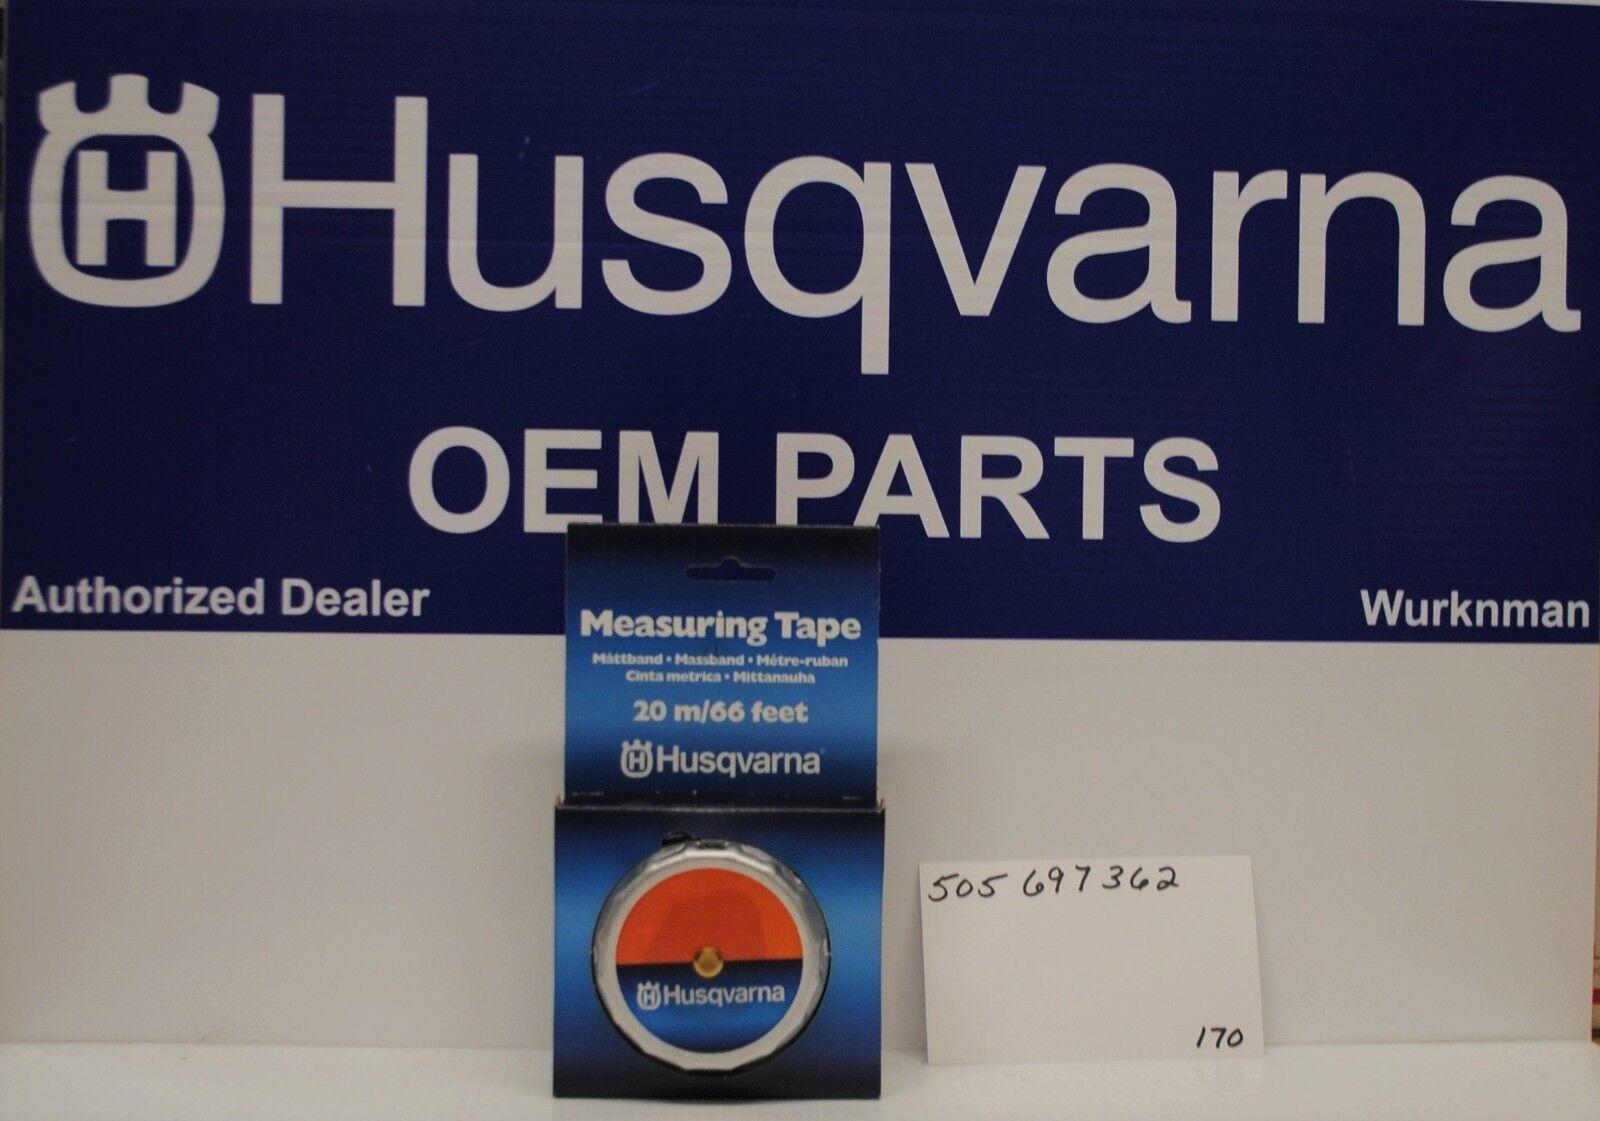 Genuine OEM 505697362 Husqvarna Loggers cinta métrica 20 metros 66 pies